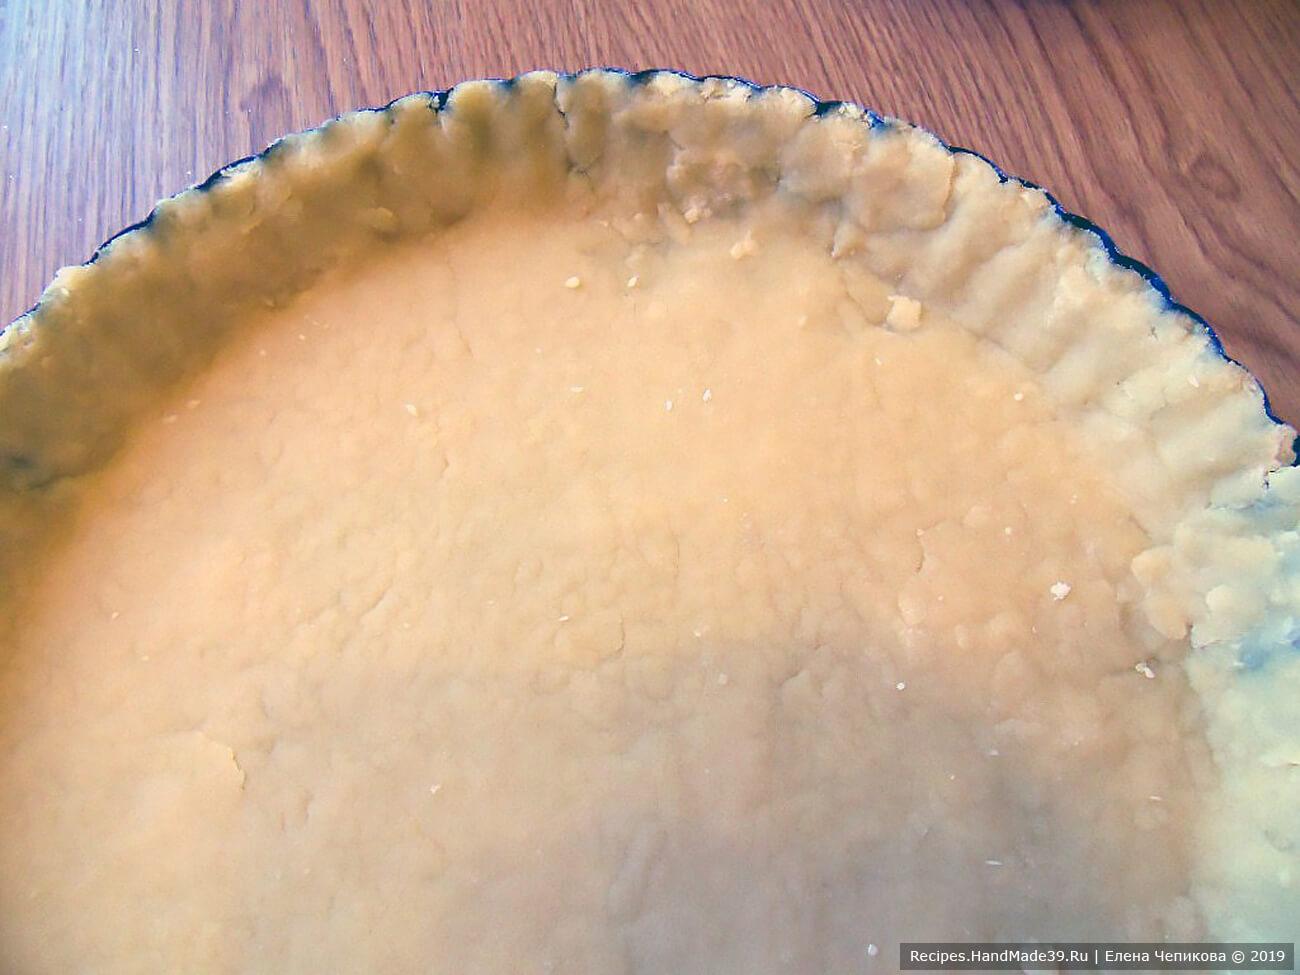 Песочное тесто раскатать в пласт. Уложить в форму, сделать бортики